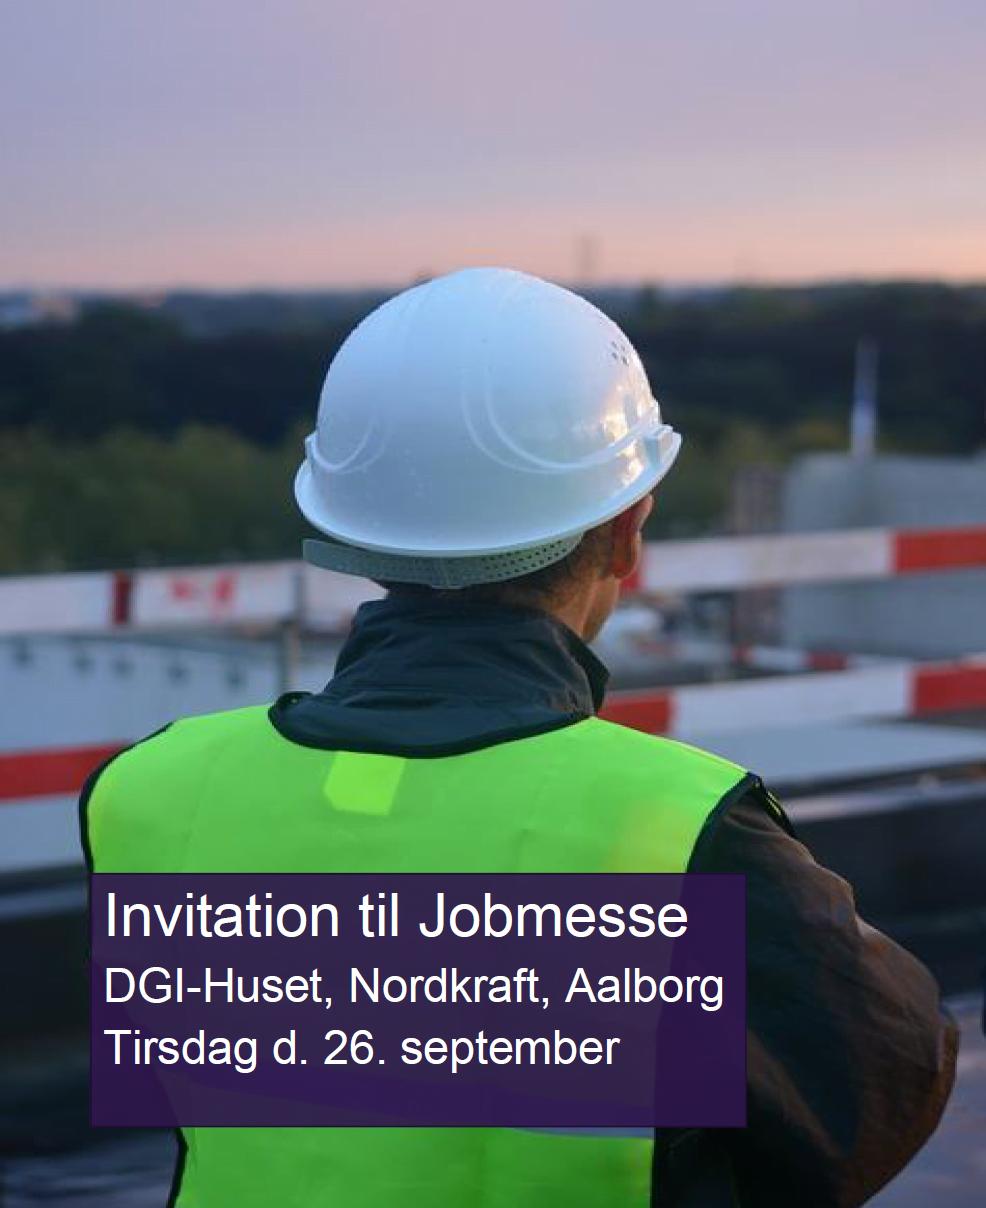 invitation til jobmesse1 (2)